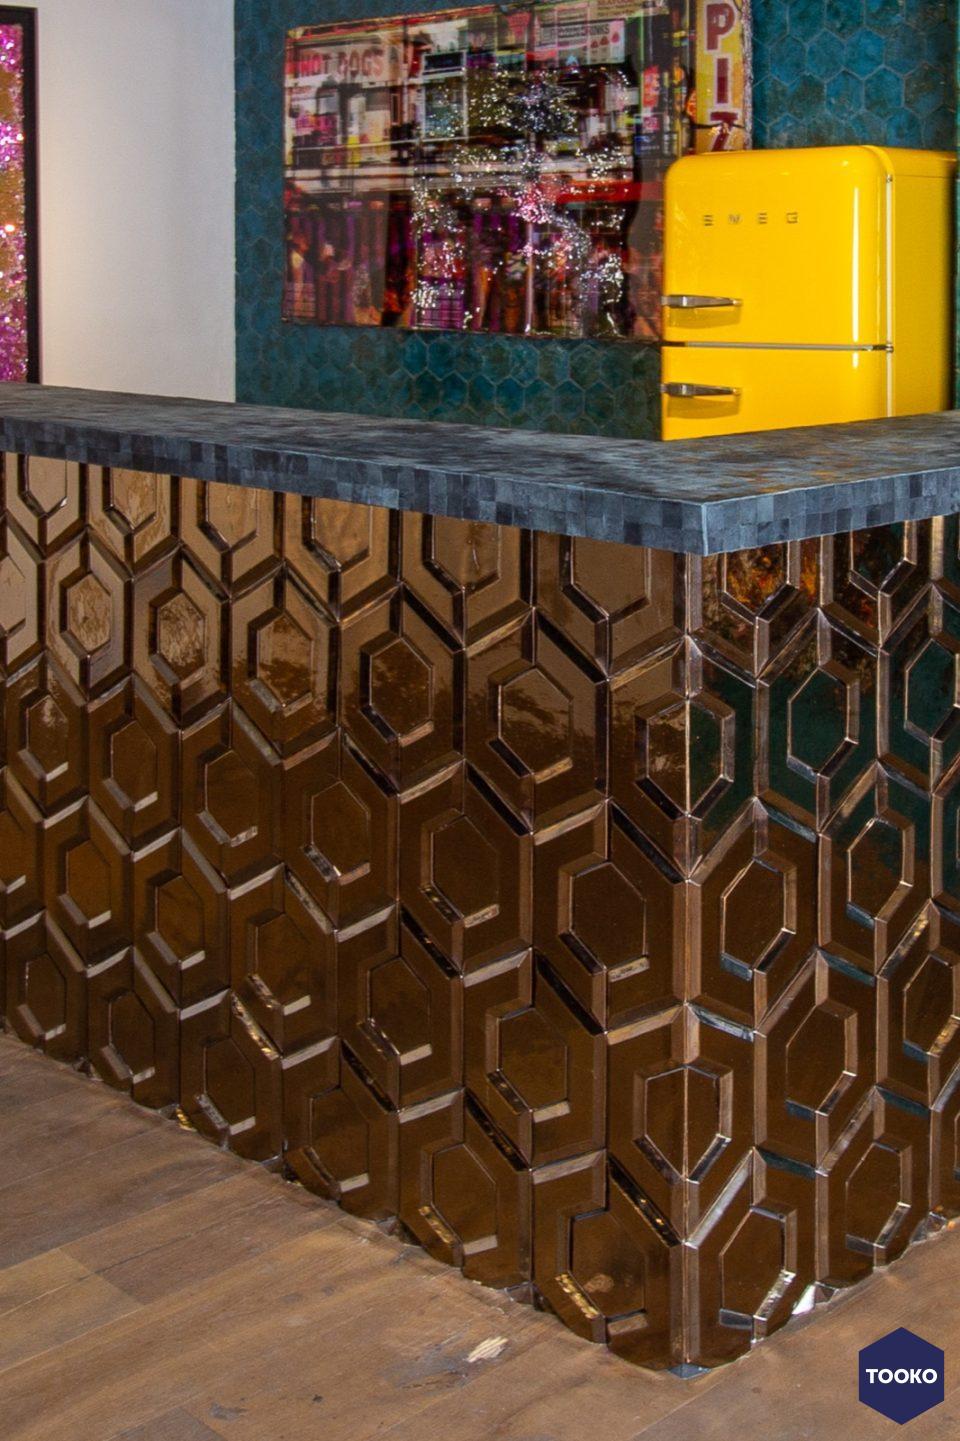 QuintaLisque & New Terracotta - Art meets design